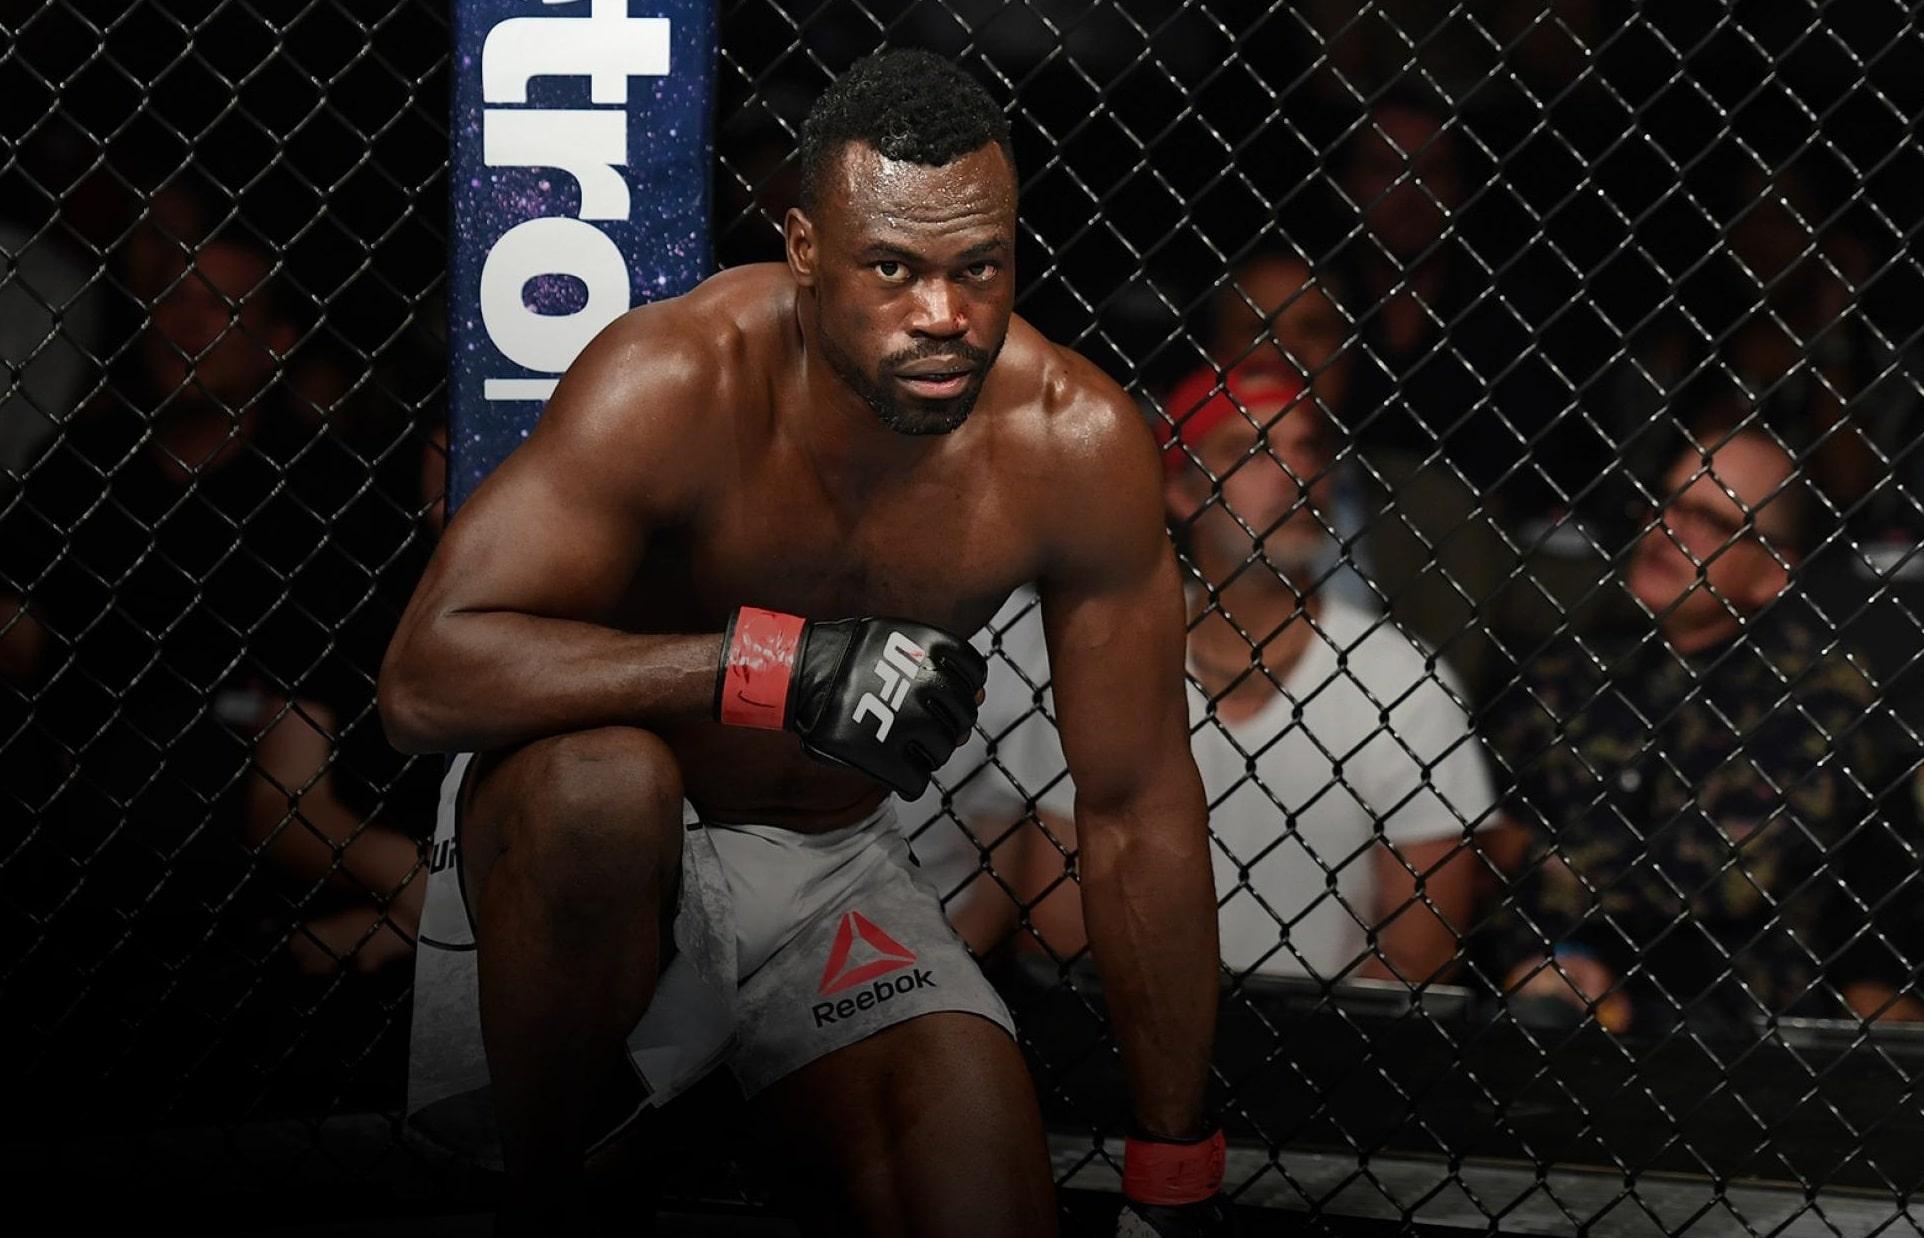 Юрайя Холл - боец UFC: статистика, биография и видео поединков